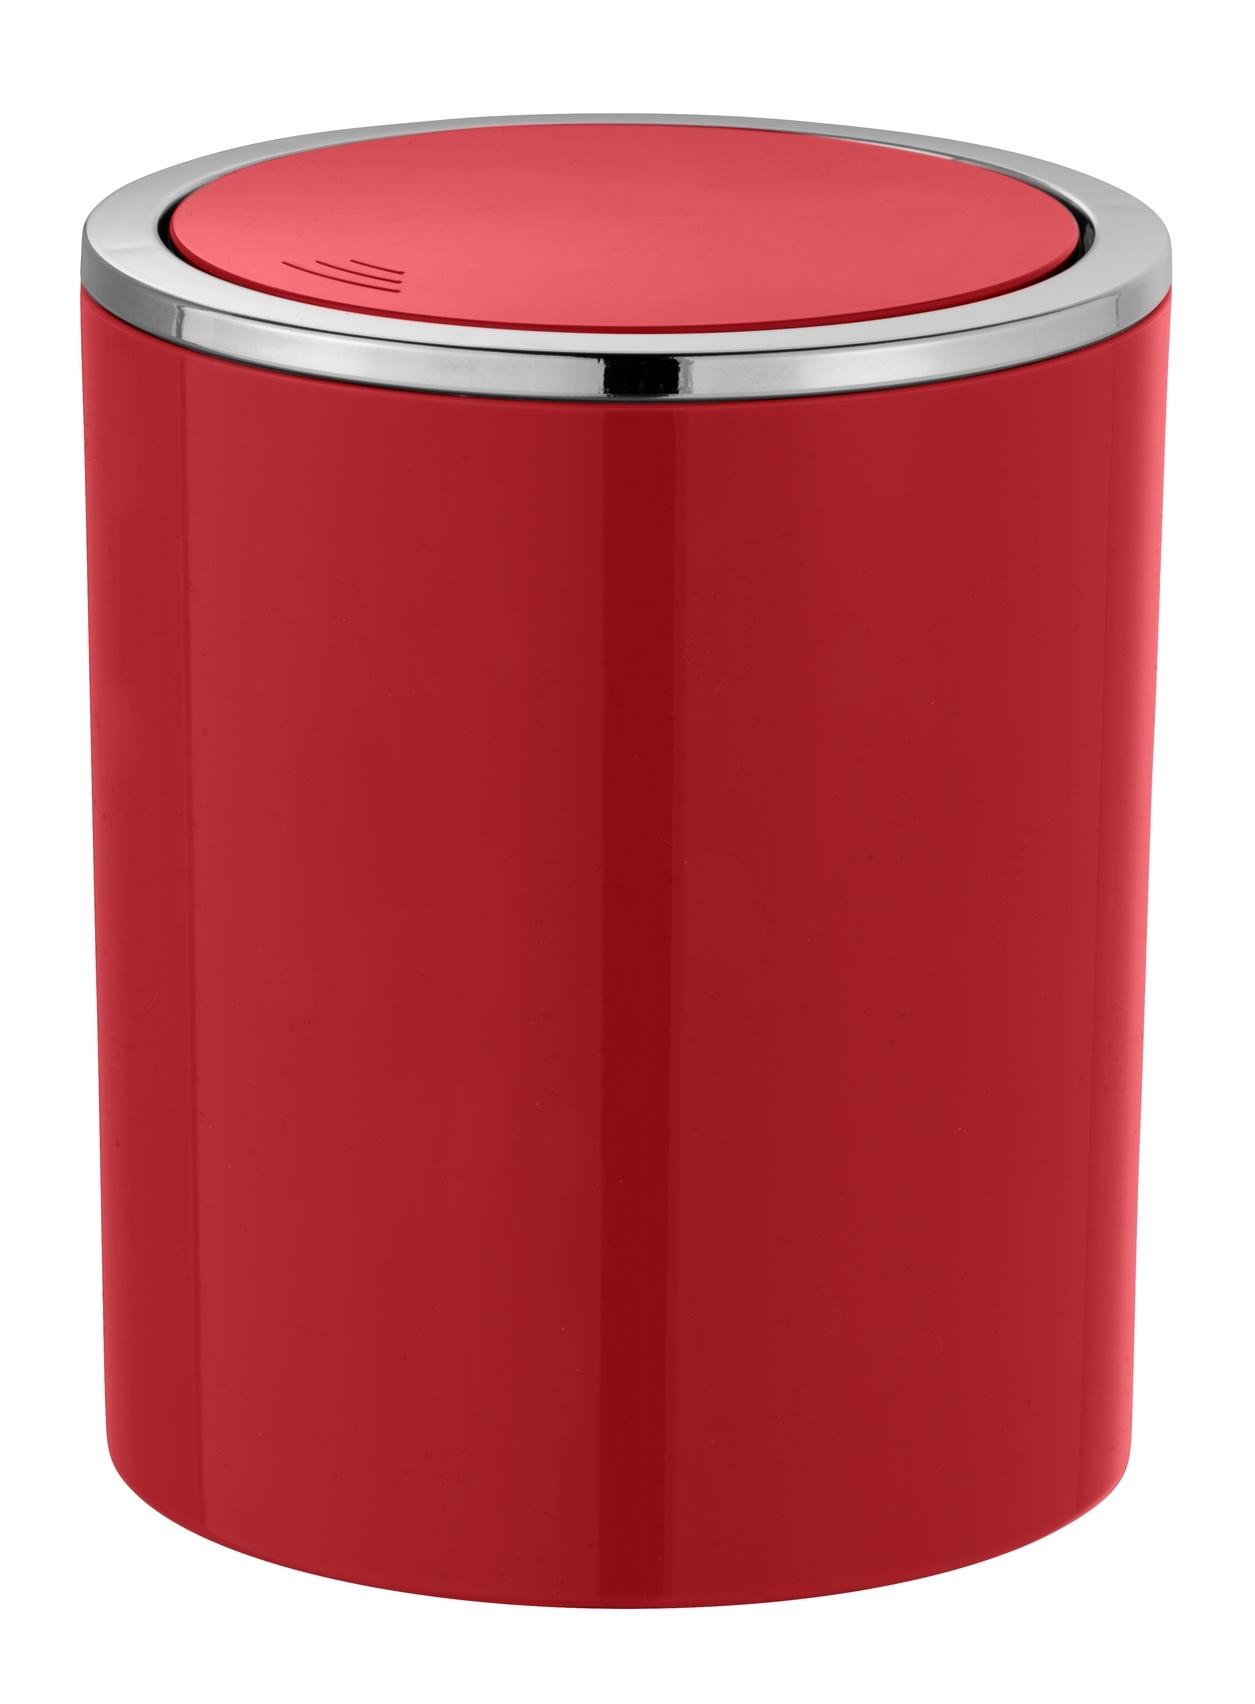 Cos de gunoi pentru baie, din ABS, Inca Rosu, 2L, Ø14xH16,8 cm imagine